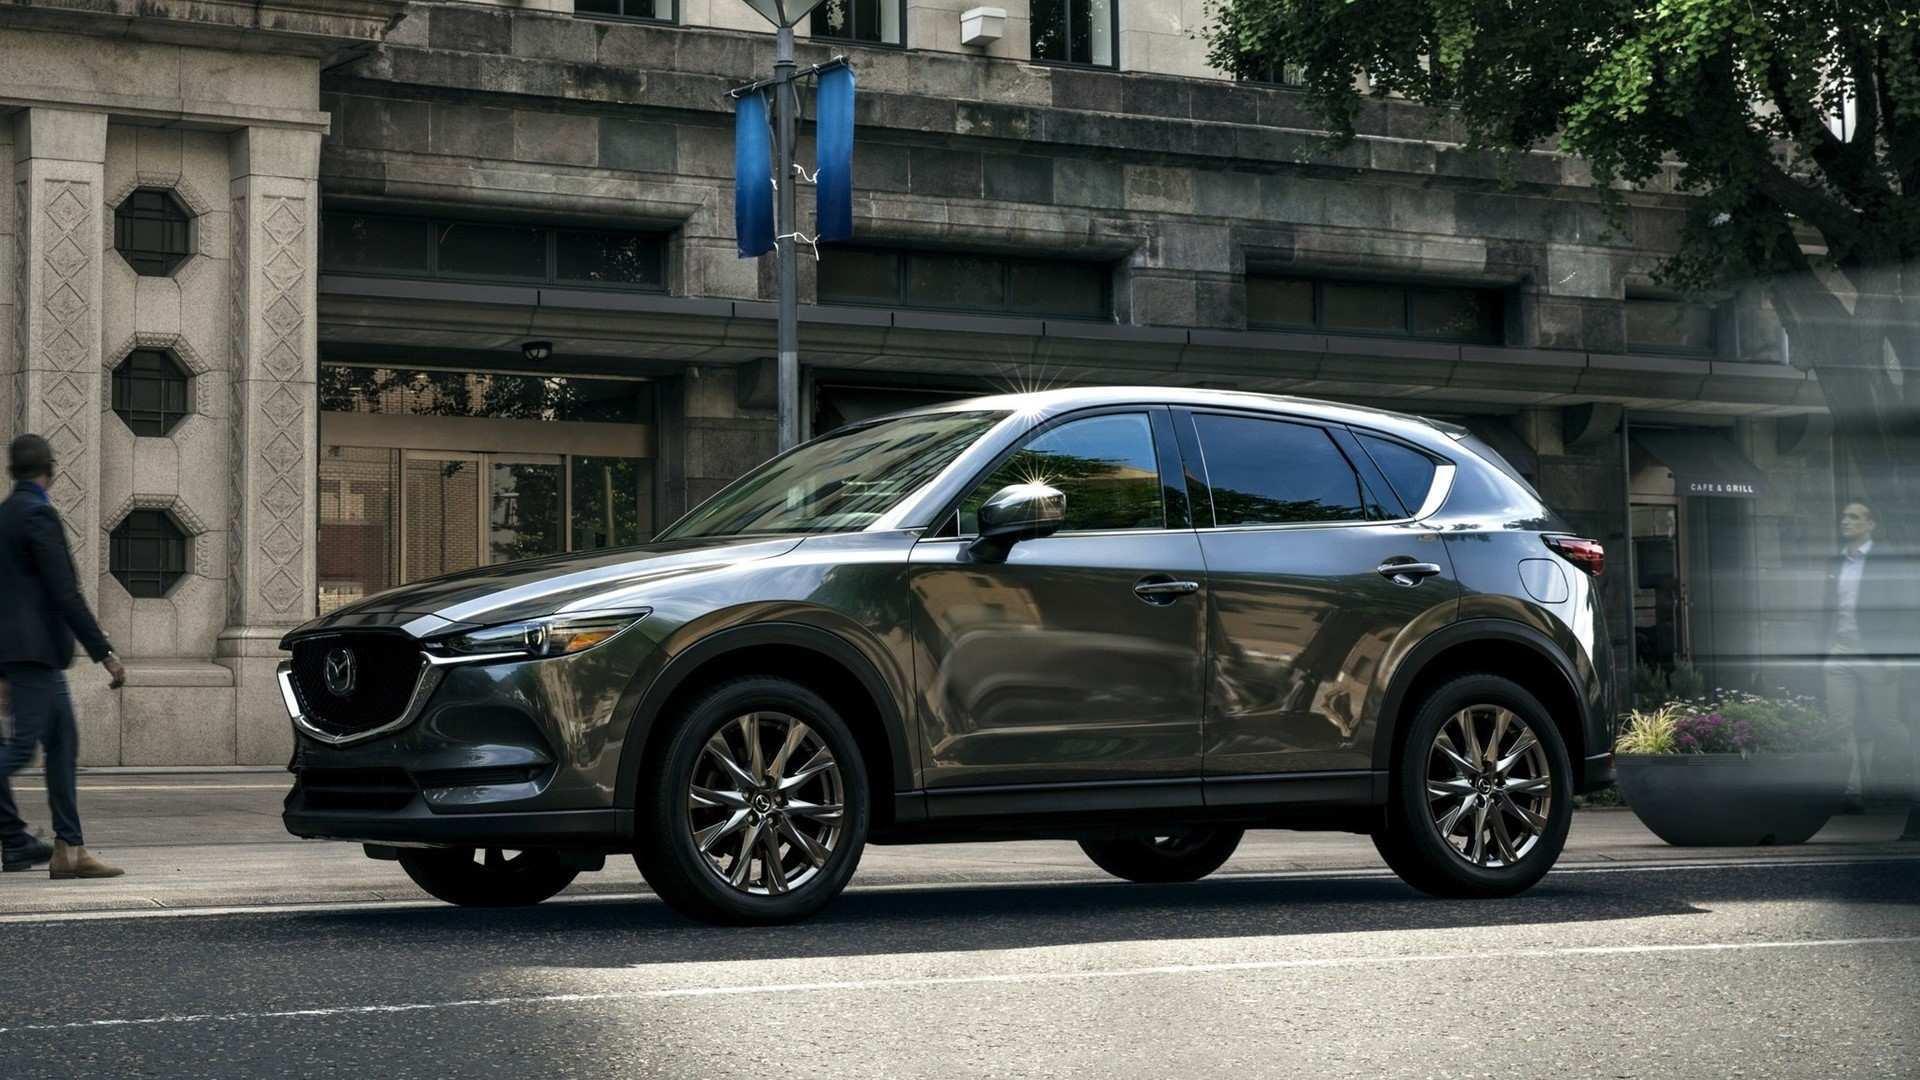 85 Concept of Mazda 2019 Cx 5 Concept Release by Mazda 2019 Cx 5 Concept